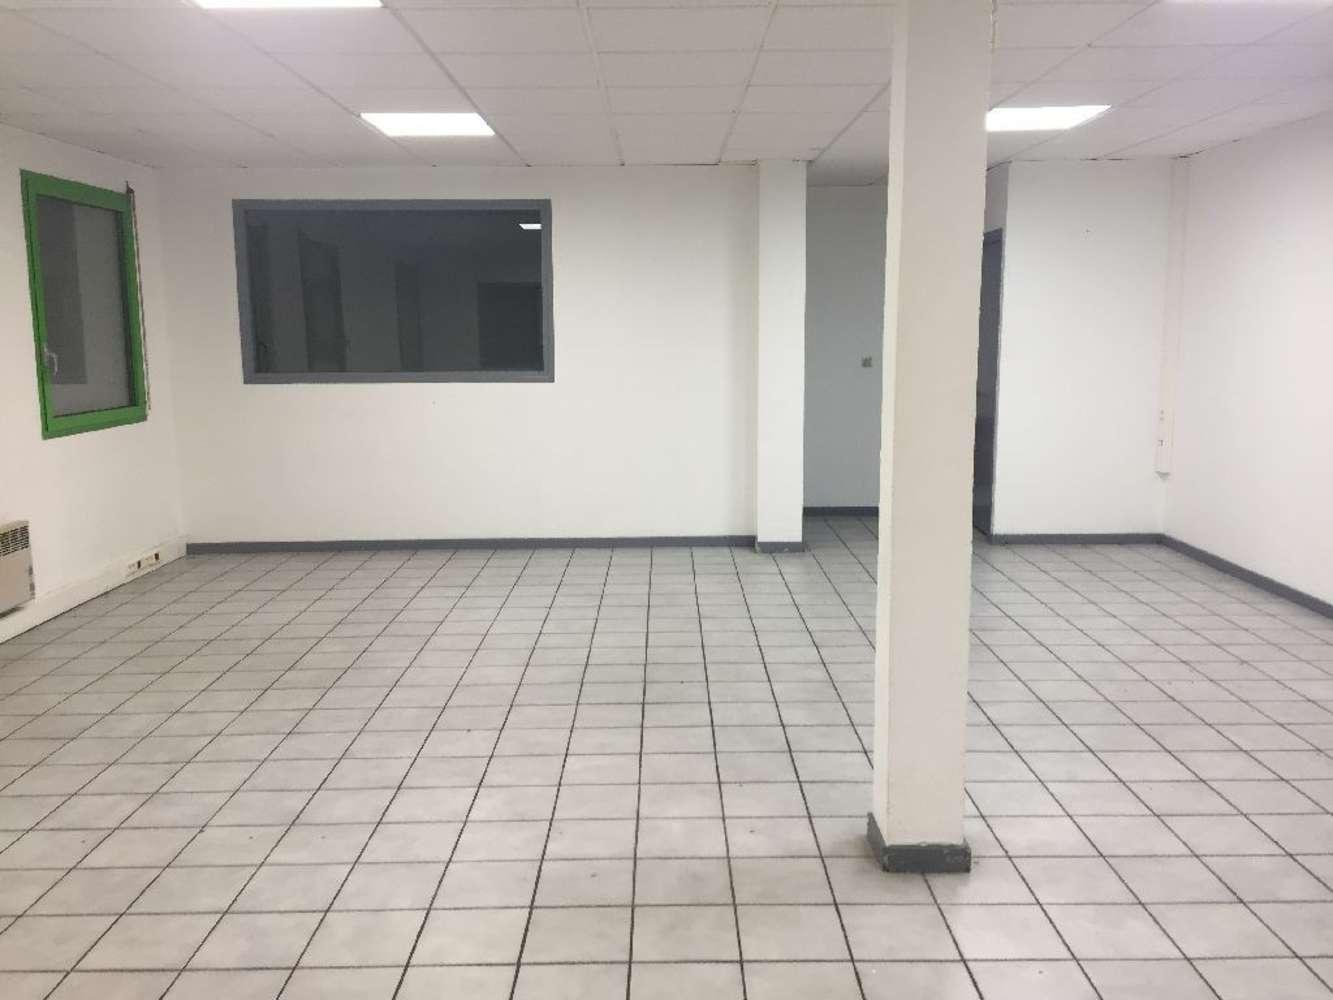 Activités/entrepôt Genay, 69730 - Locaux d'activité à louer - Transporteur - 9478629